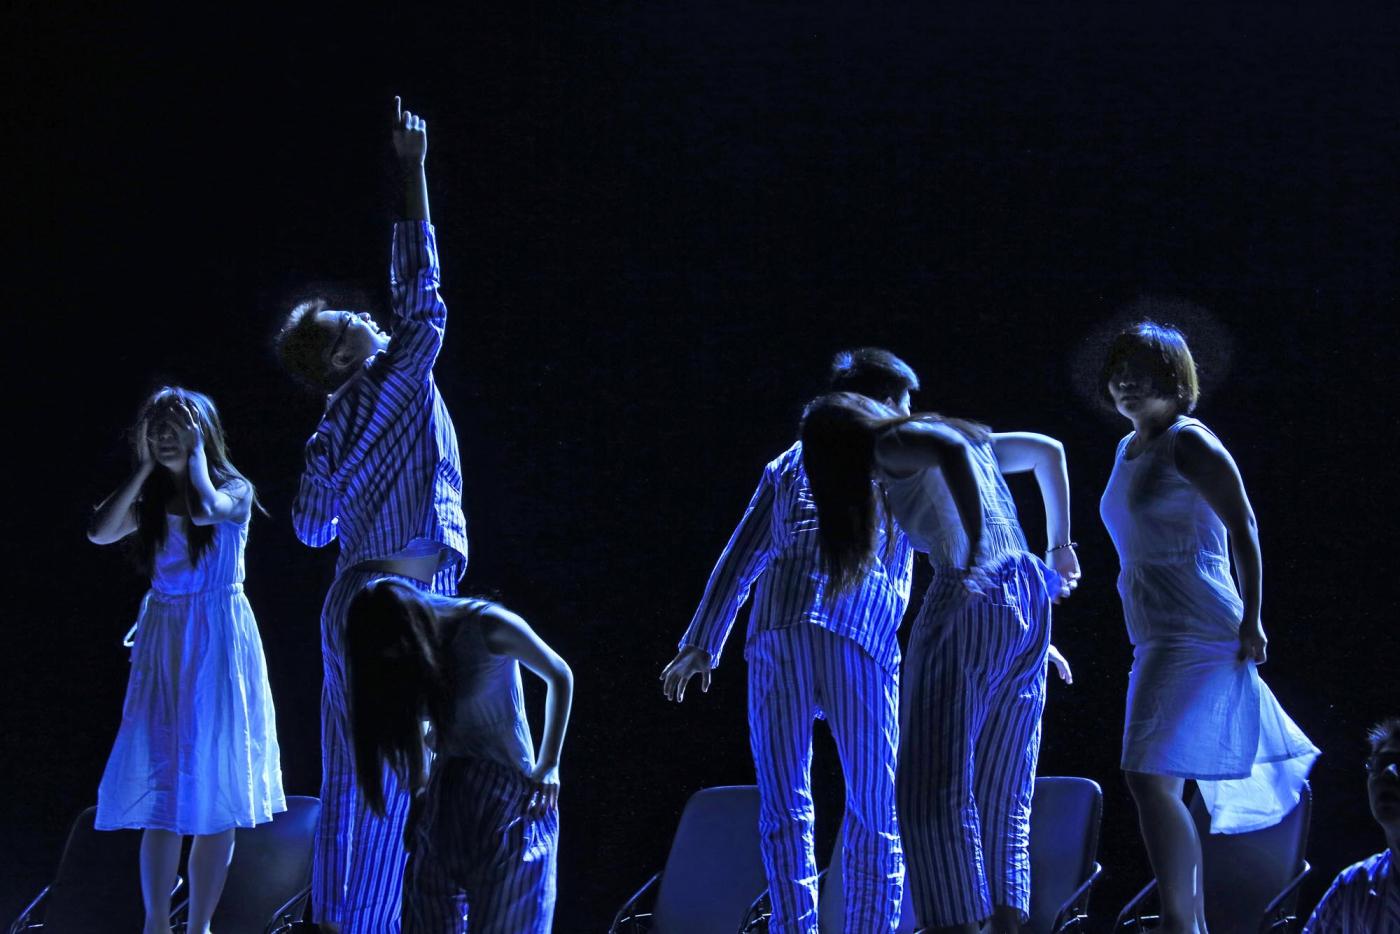 【达威】逆光下的舞台摄影_图1-1